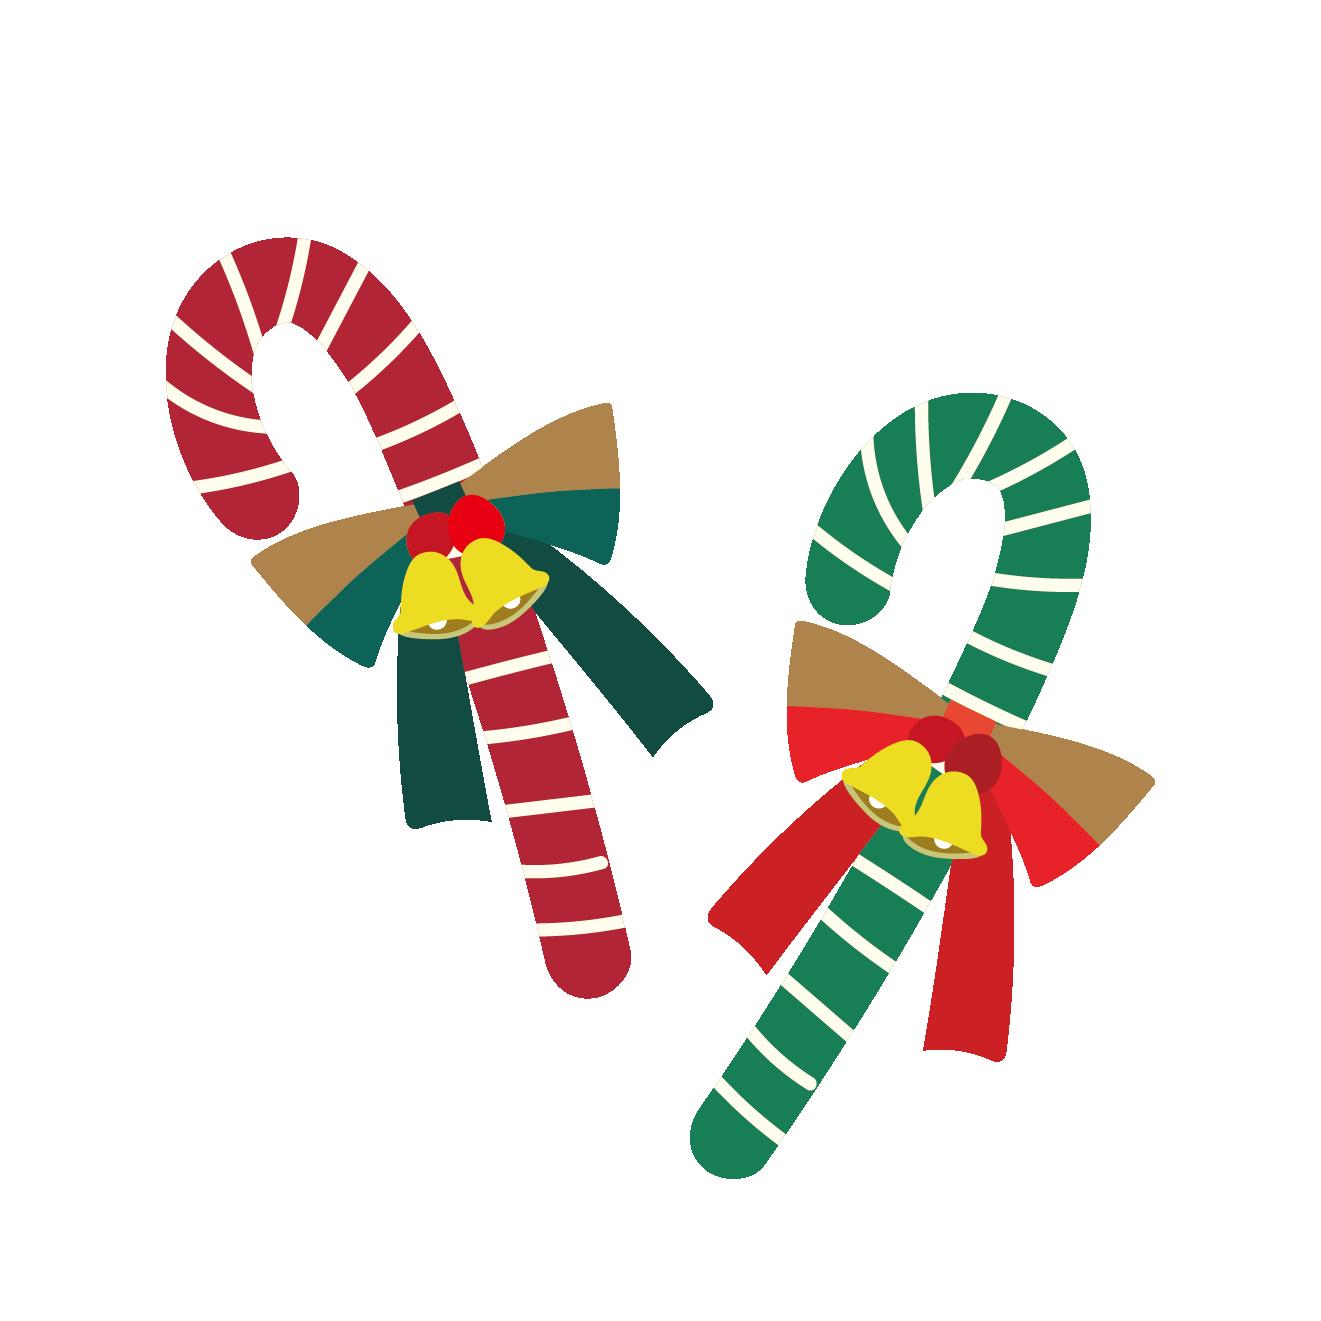 クリスマスキャンディー(飴:あめ)の 無料 イラスト